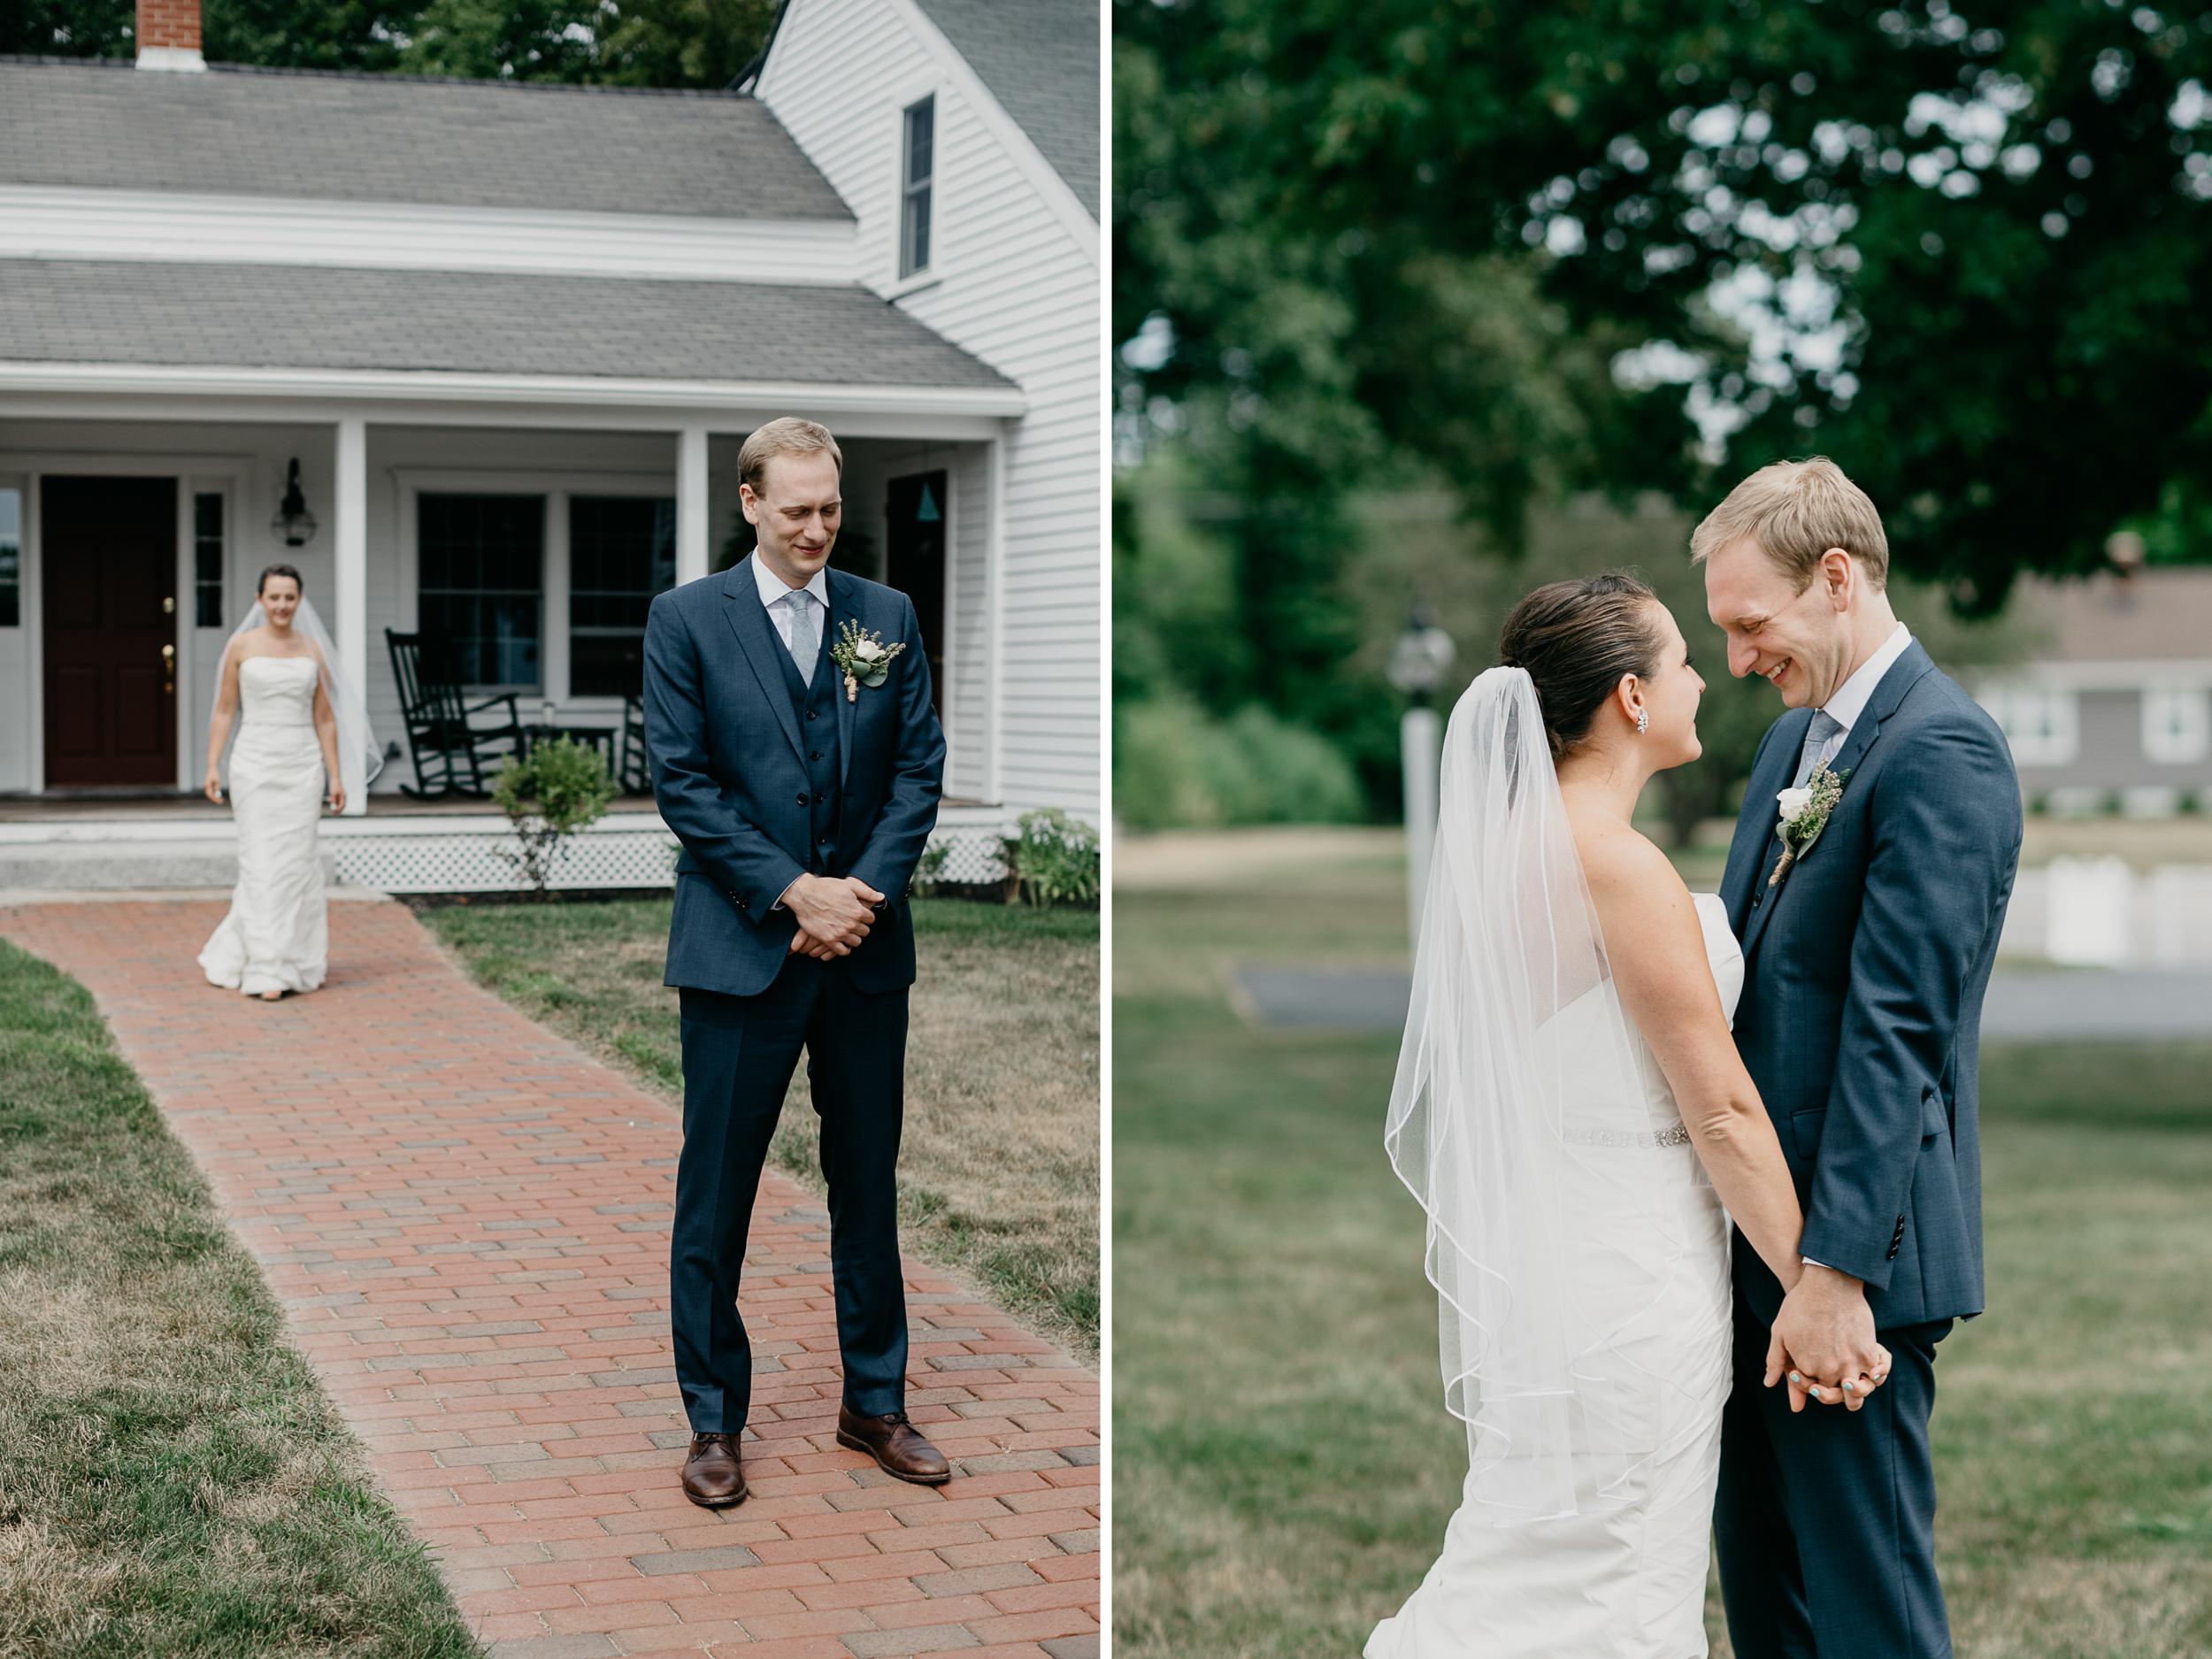 Jessie_Erik_Pownal_Maine_Wedding_William_allen_farm_008.jpg